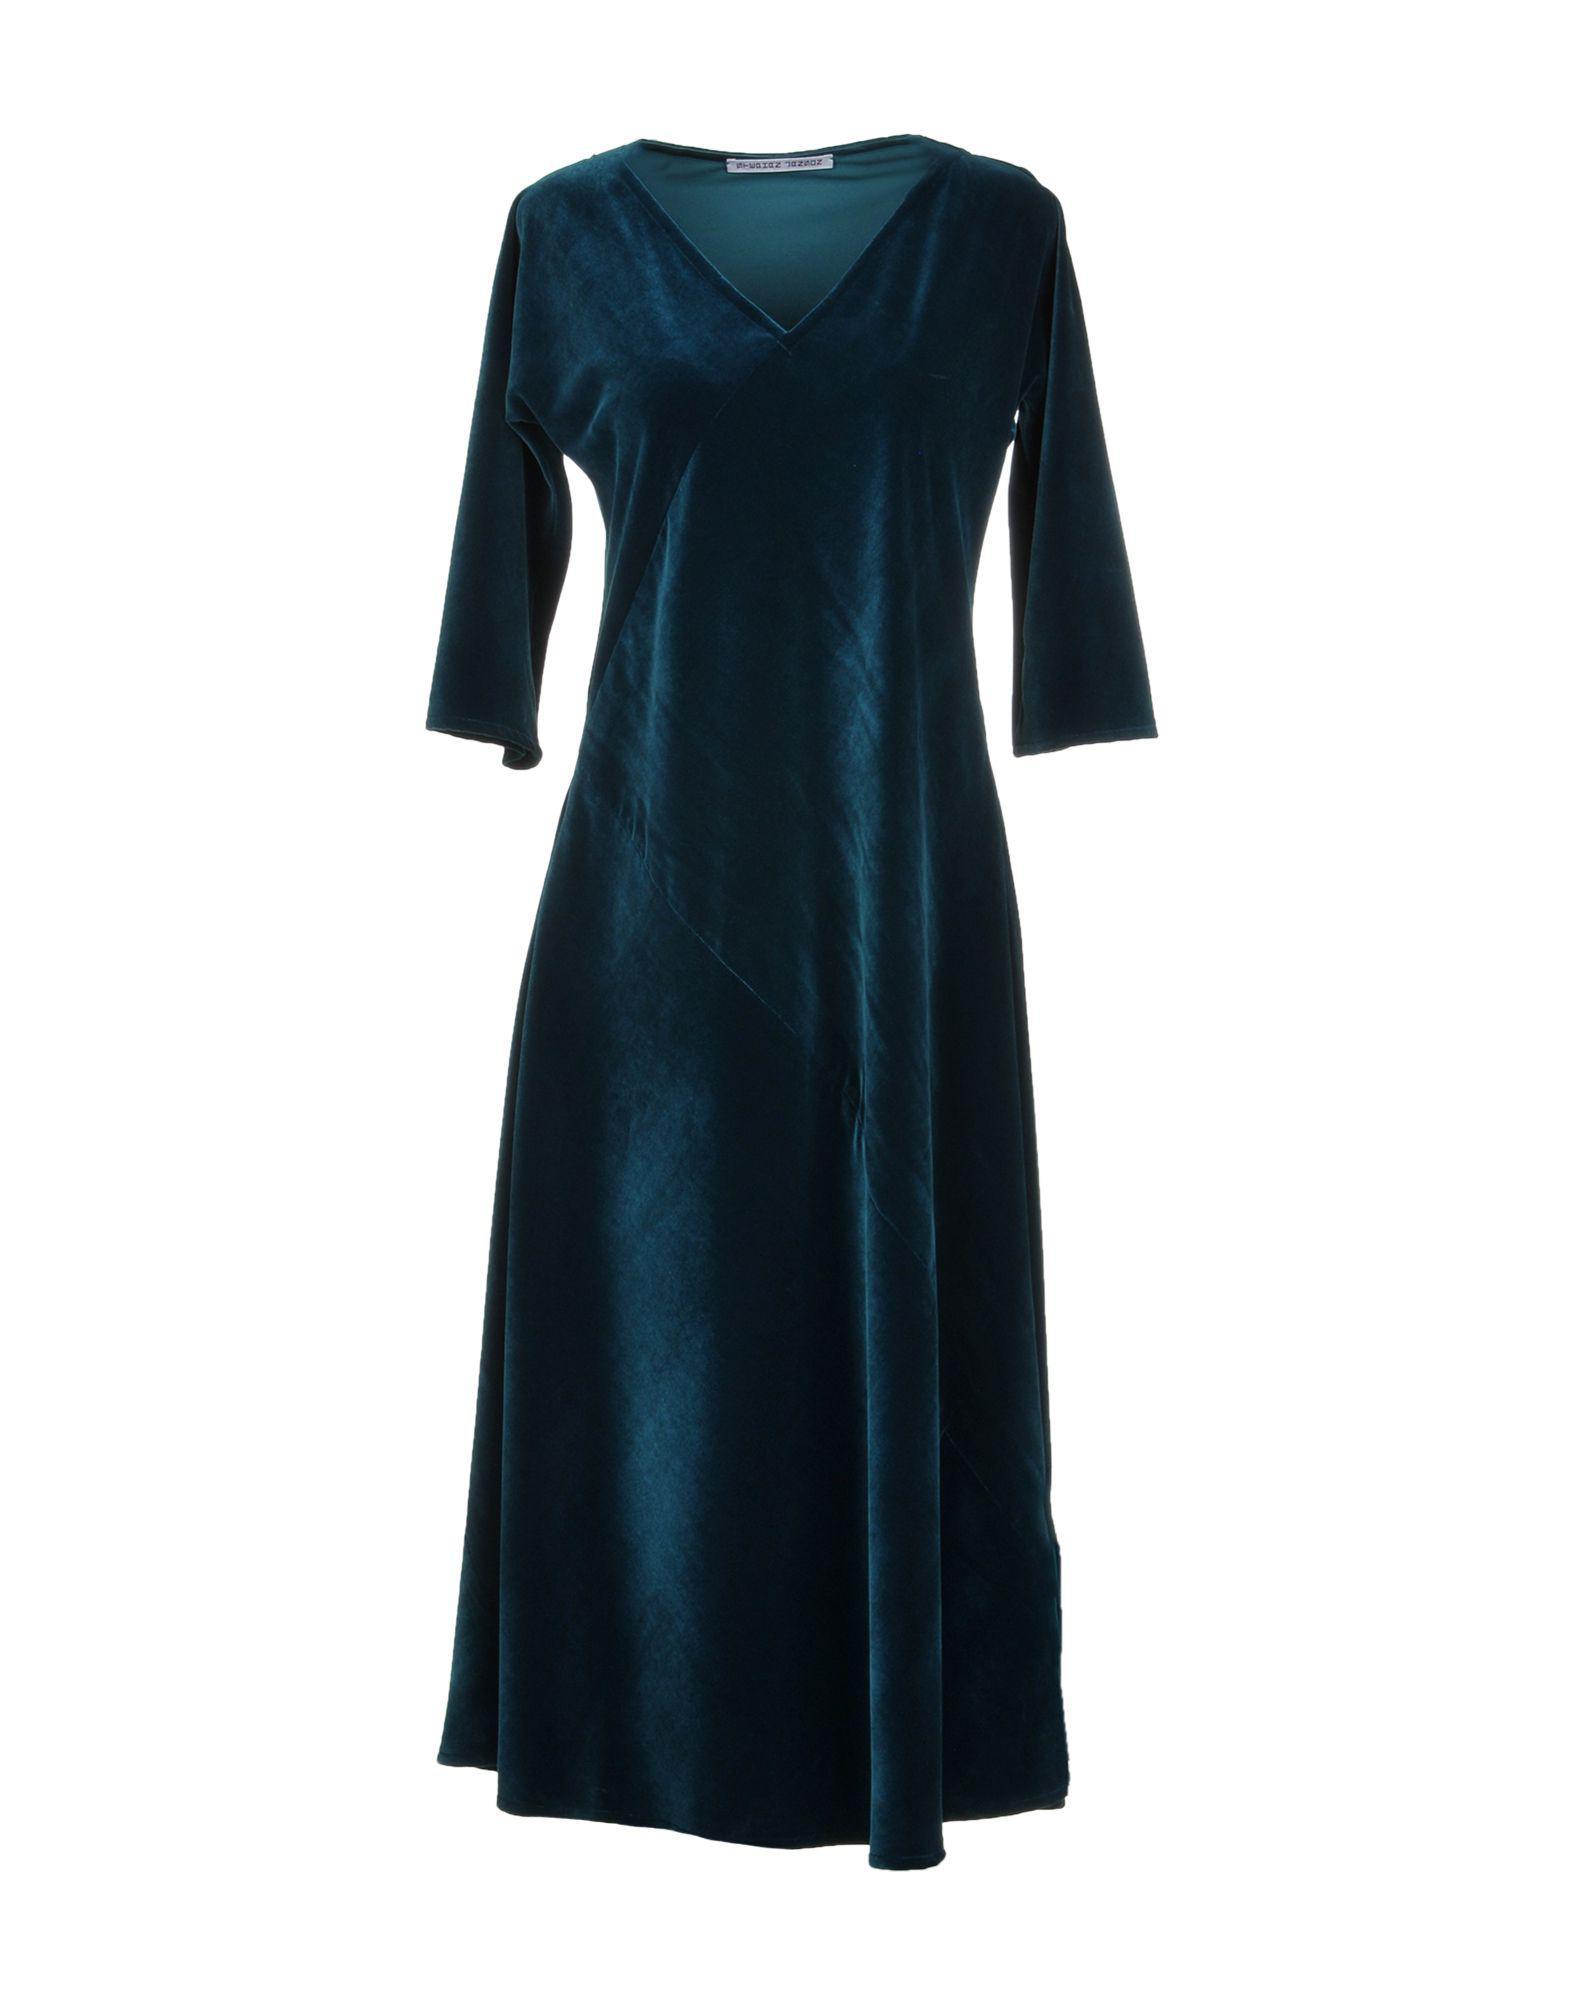 DRESSES - Knee-length dresses Stephan Janson Cheap Sale Release Dates Ip0QEUczm